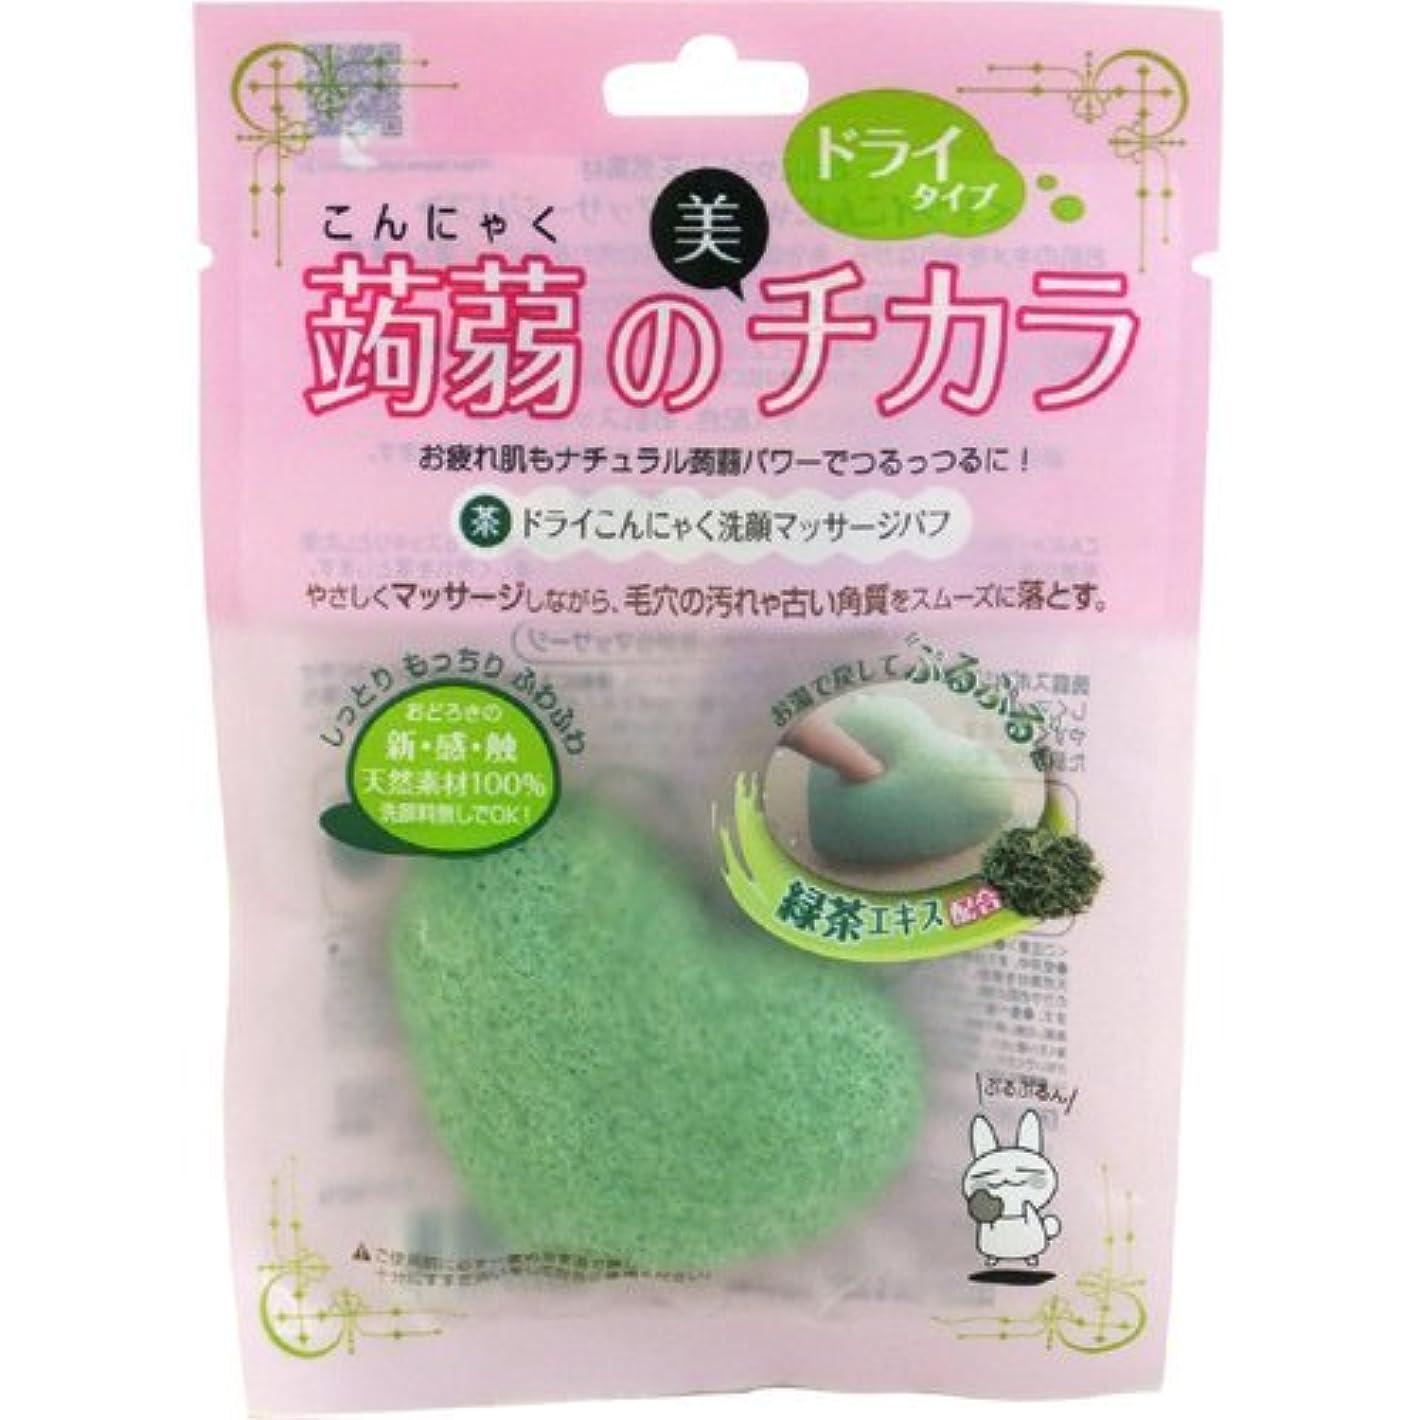 修復雑品含めるドライ蒟蒻センガンマッサージパフ 緑茶